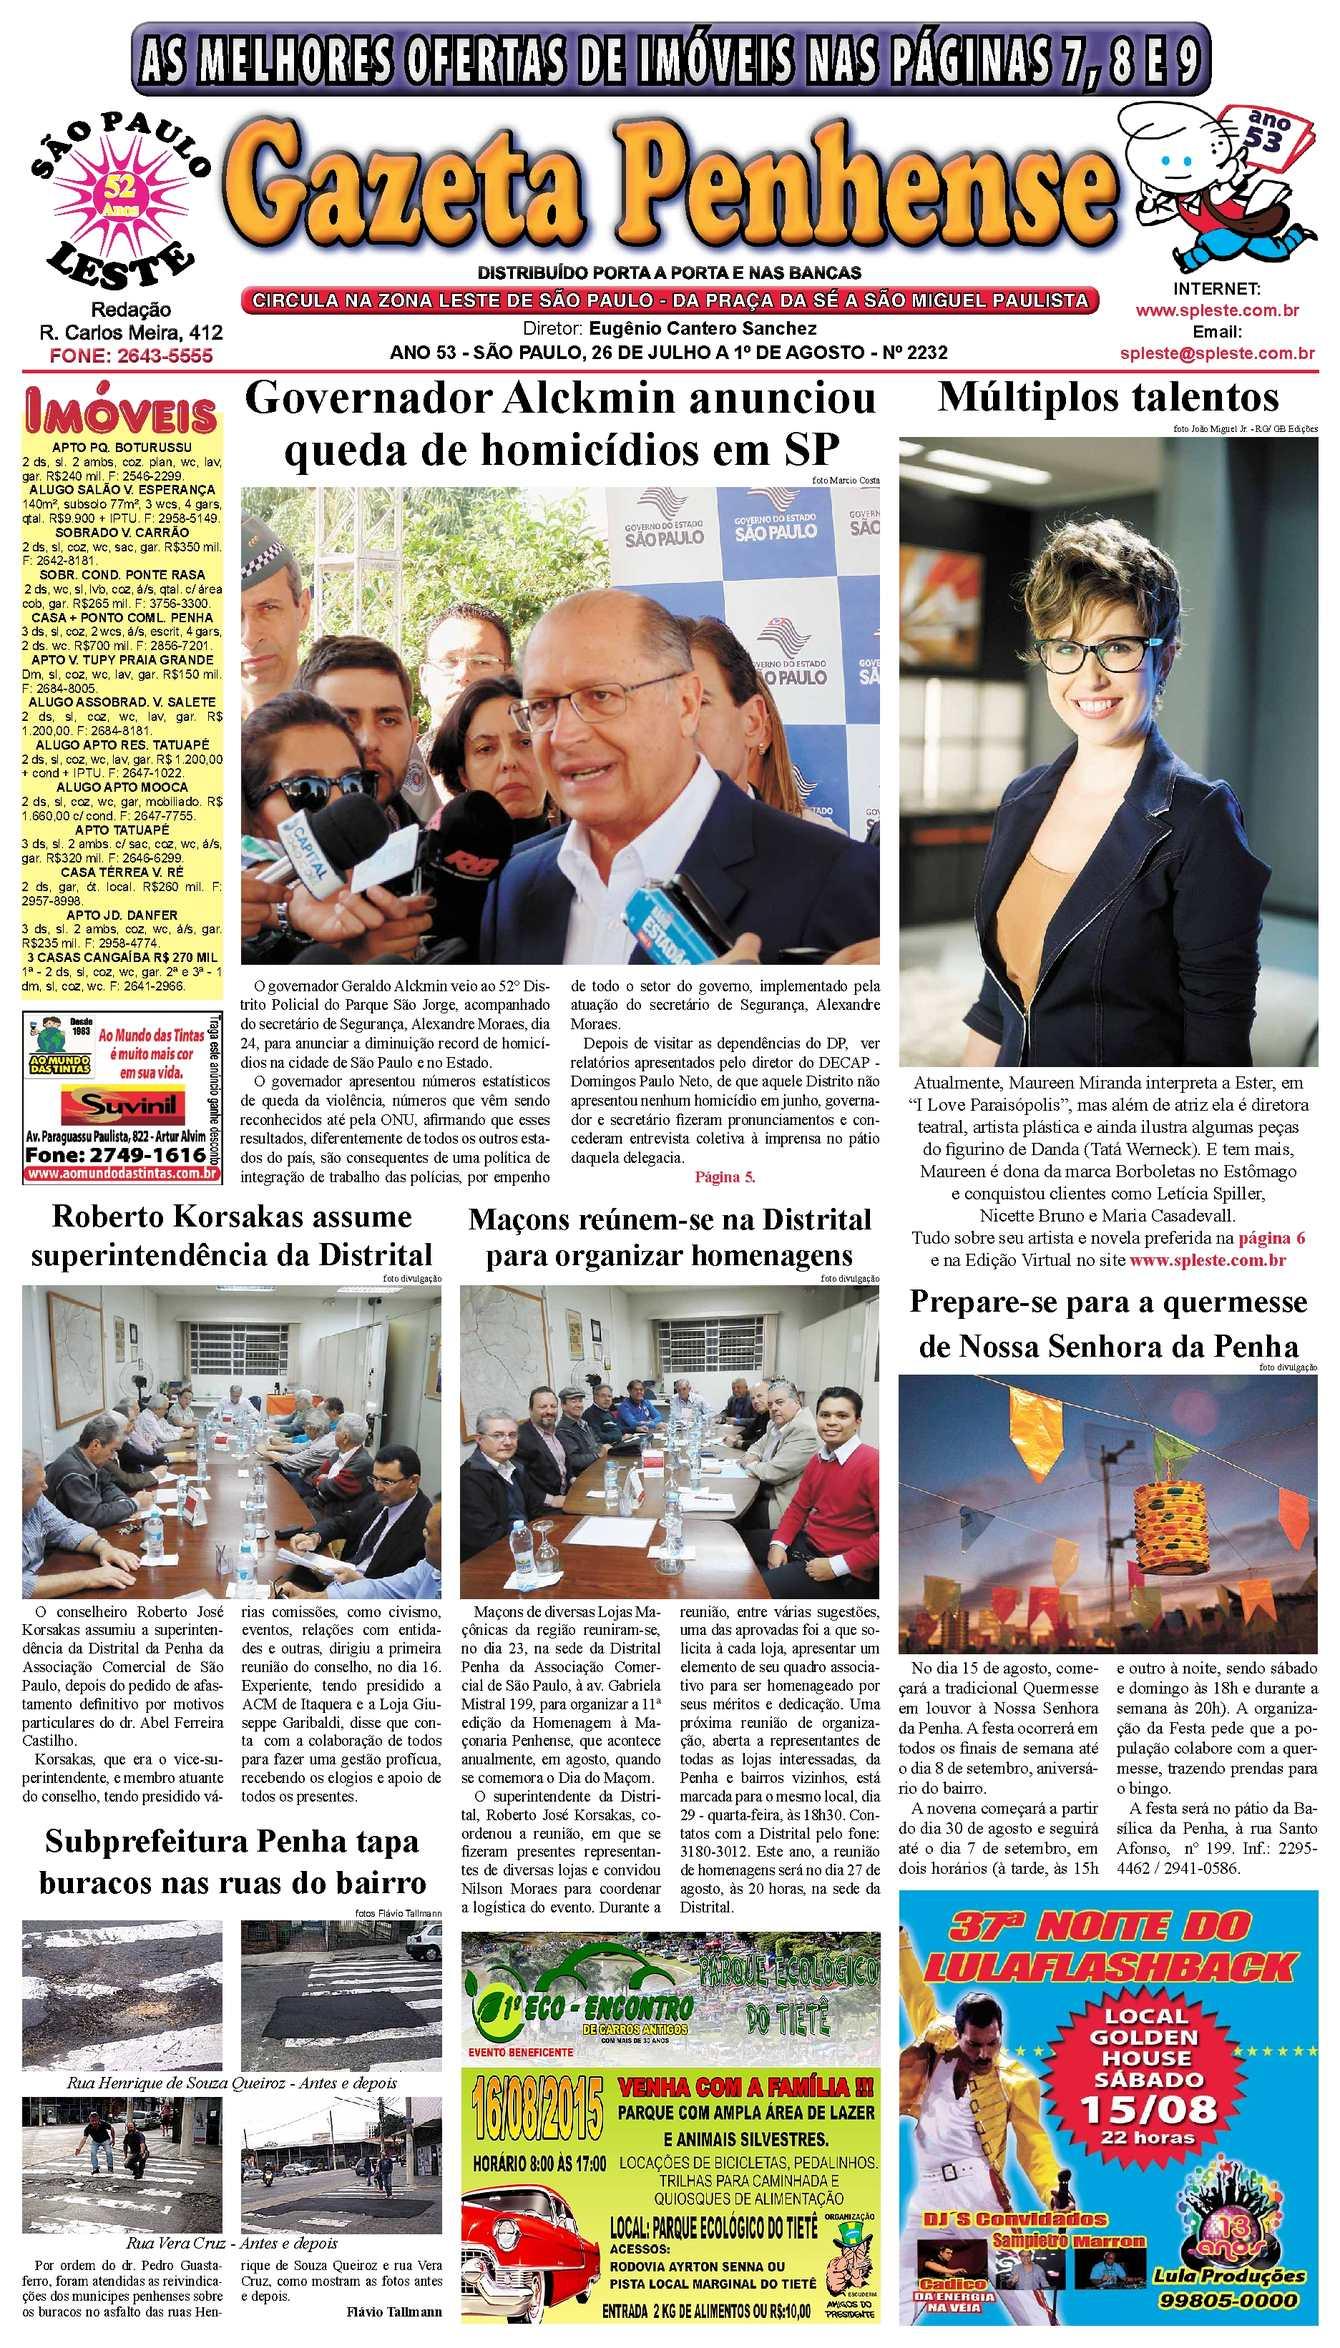 Calaméo - Gazeta Penhense - edição 2232 - 26 07 a 1 08 15 98a1647189